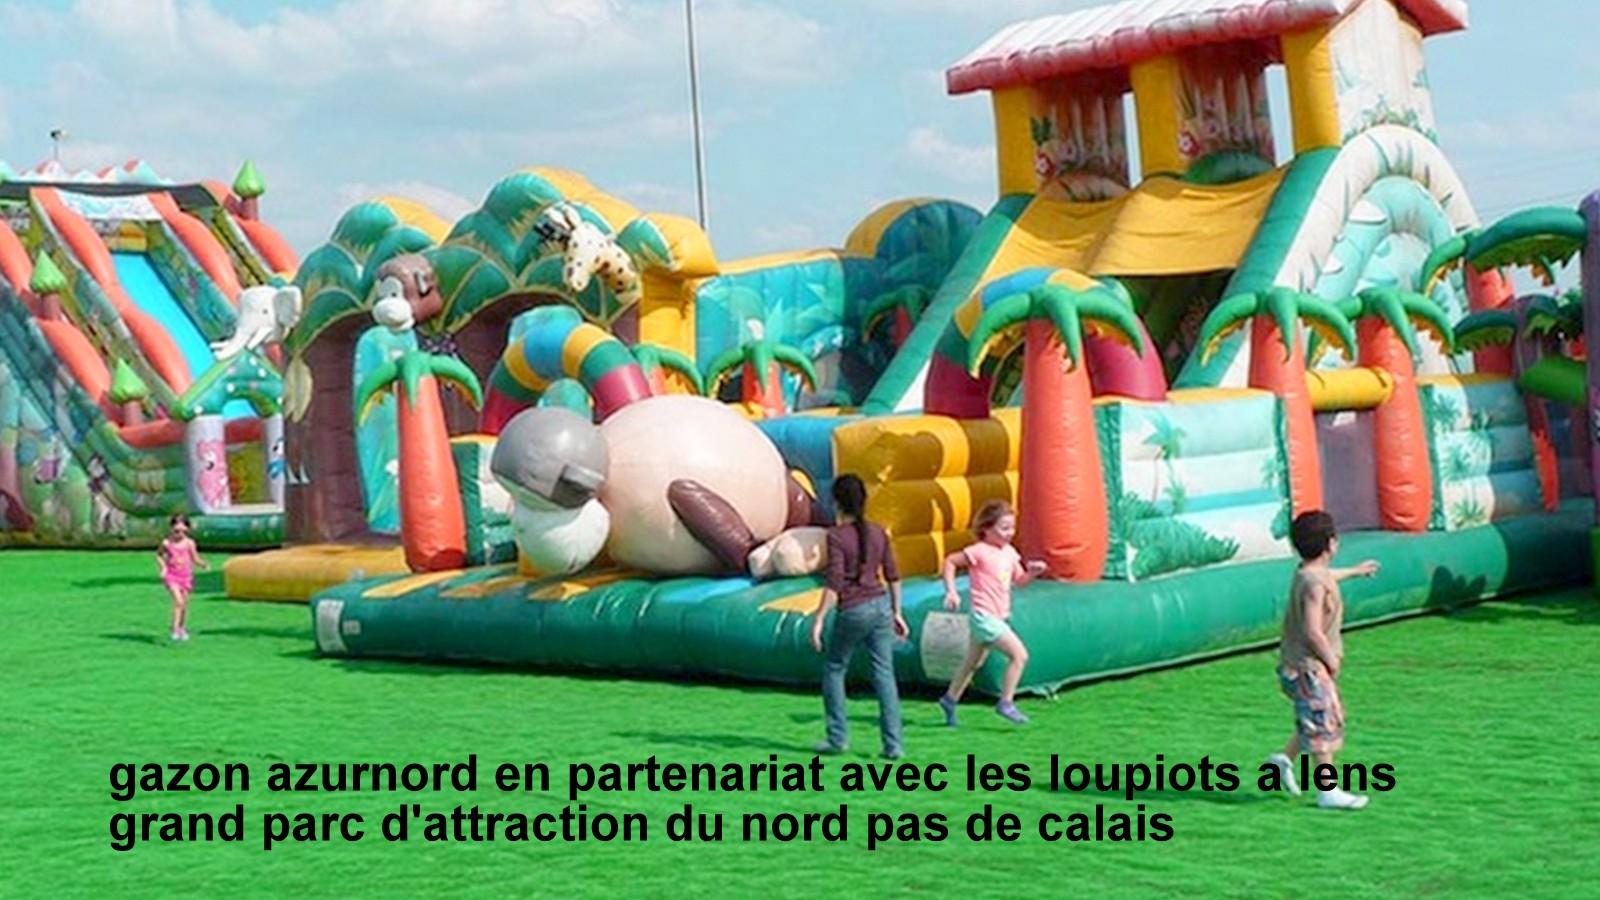 Image partenaire les loupiaux lens - gazon azurnord